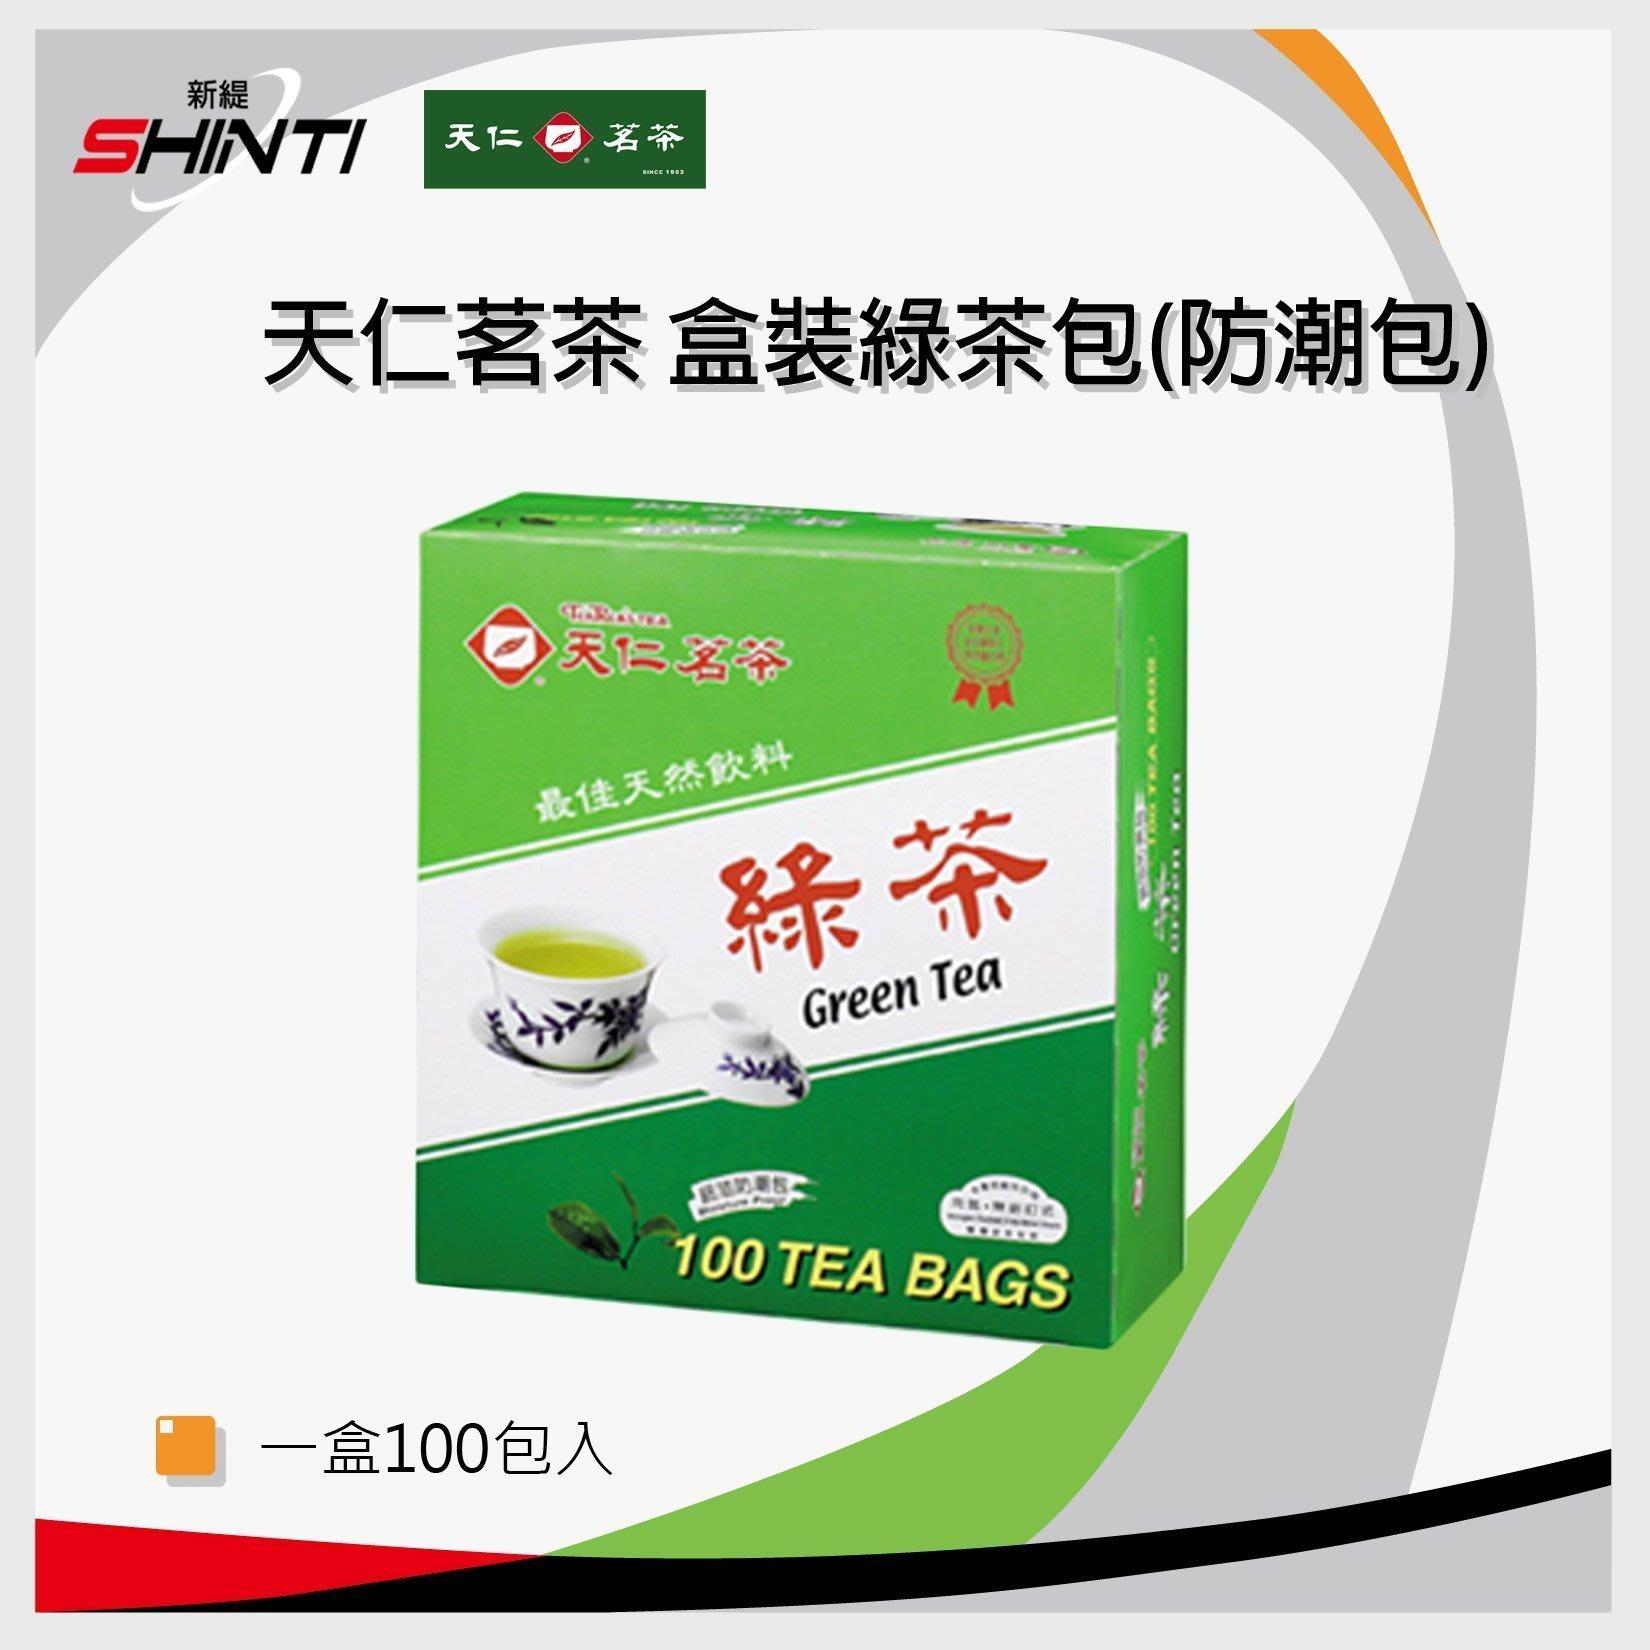 【含稅-3盒入】天仁茗茶 盒裝 綠茶 / 烏龍茶 / 阿薩姆紅茶 防潮包 (可混搭)